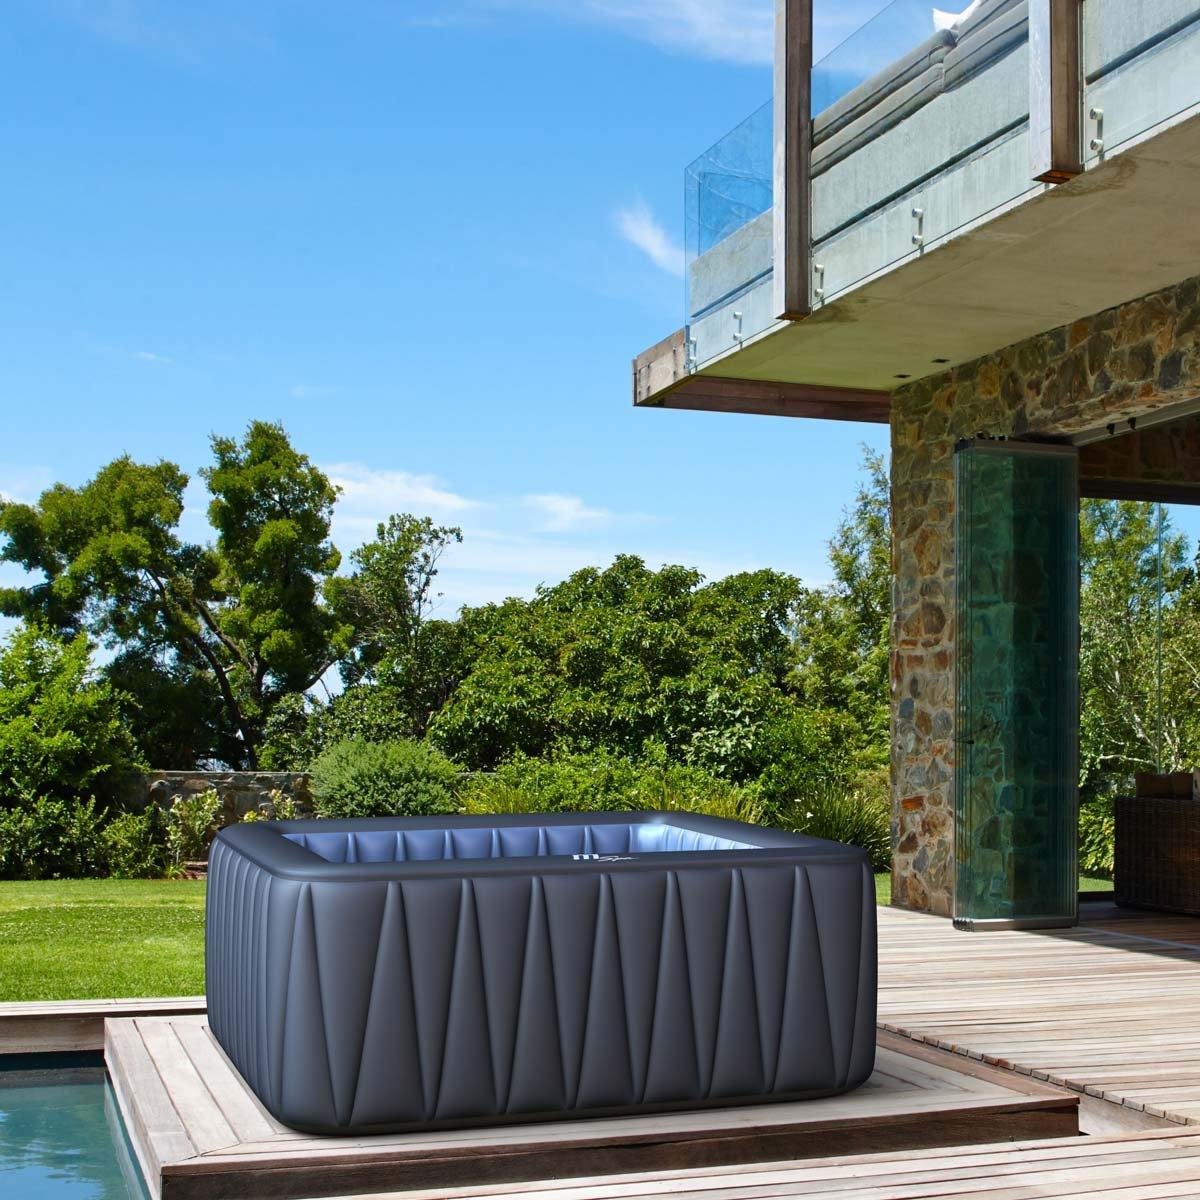 Indoor Whirlpool | Jacuzzi innen - Entspannung zuhause | Darauf müssen sie achten! 1